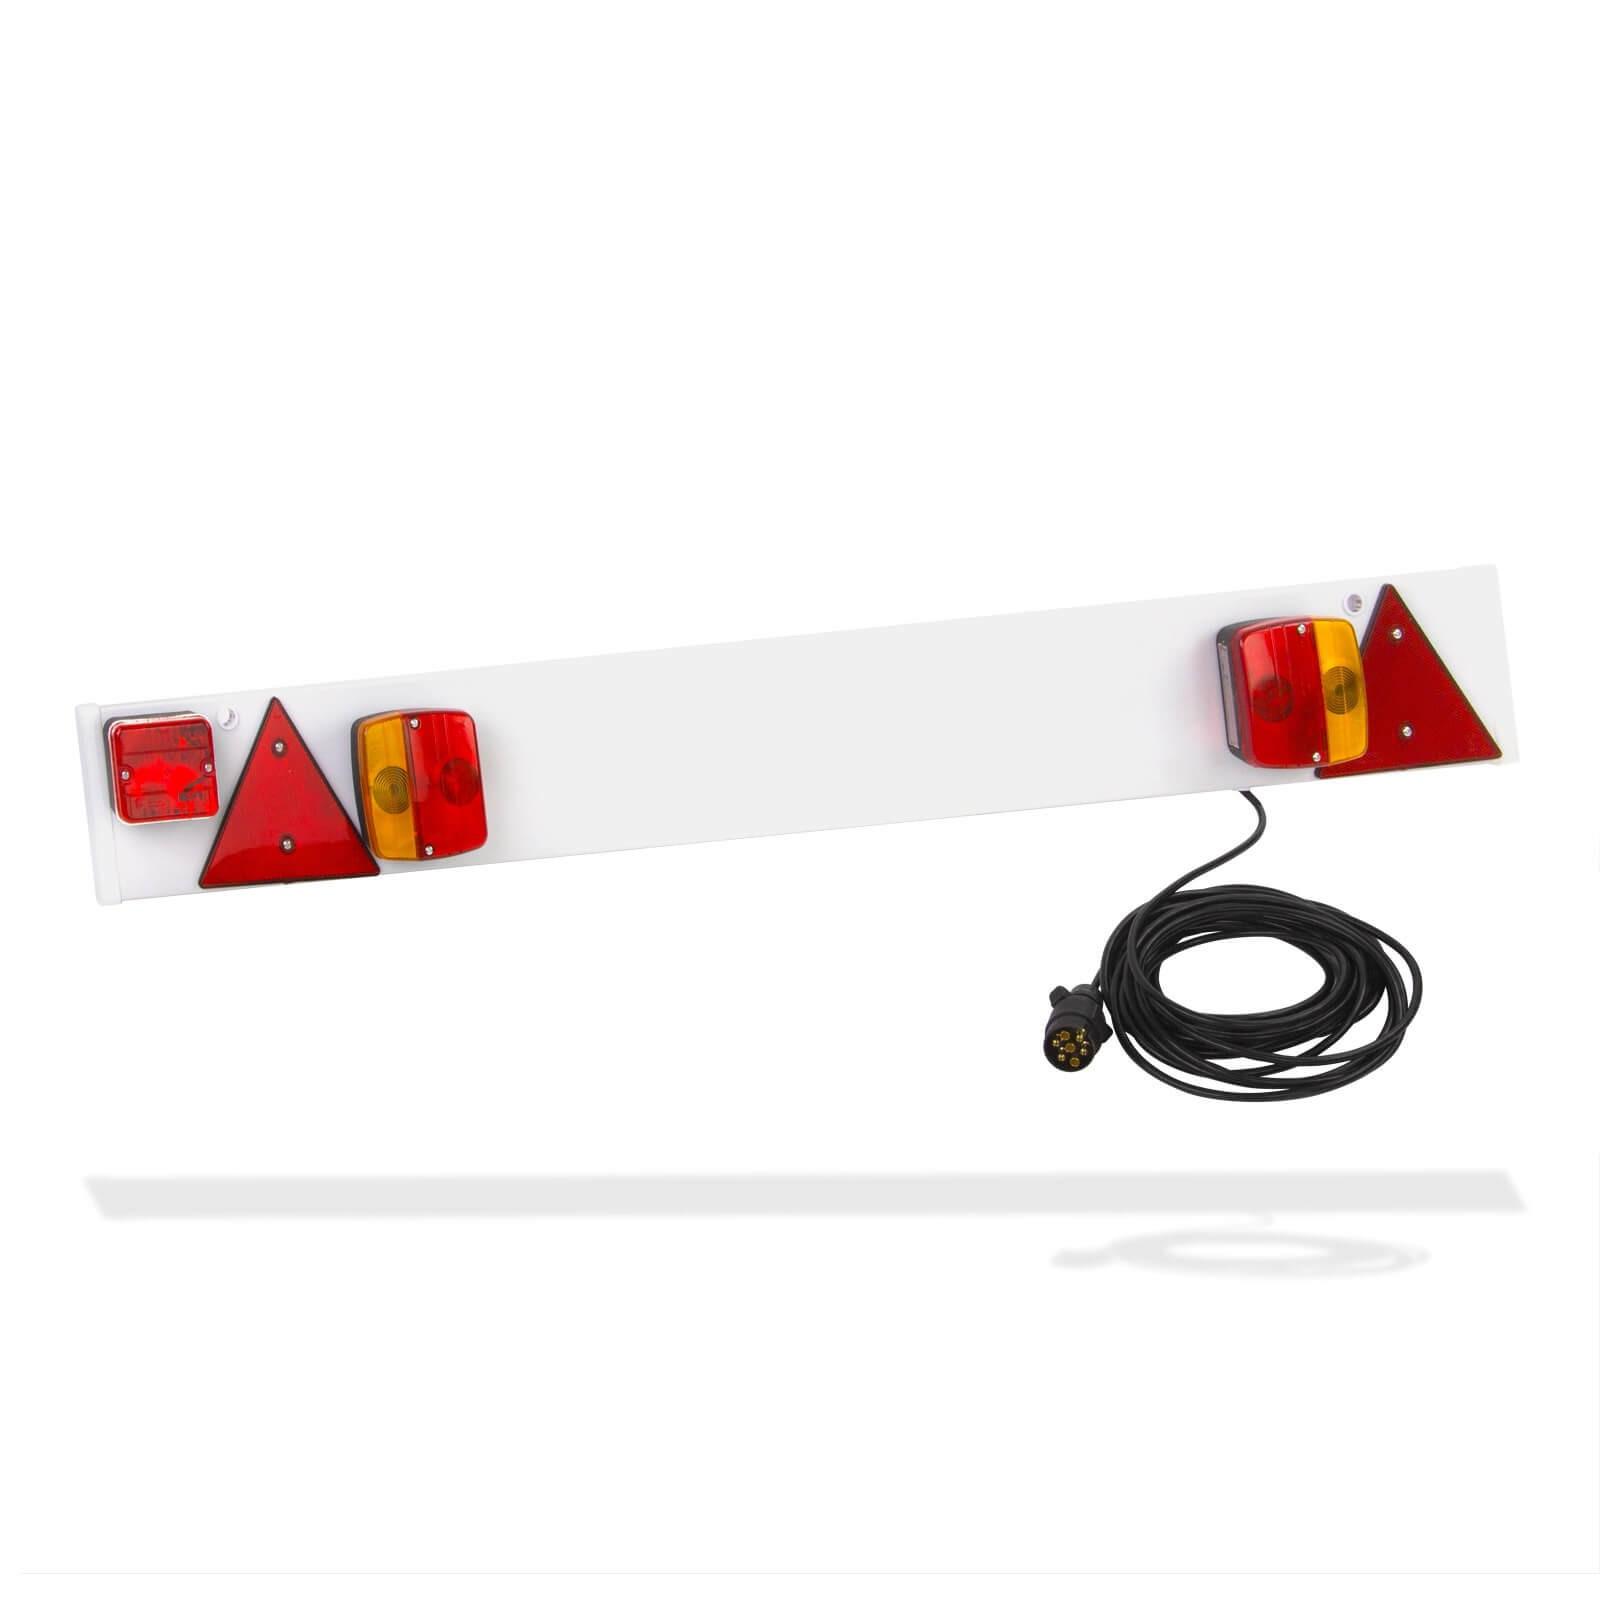 Dema Anhängerbeleuchtung 122cm 7-pol 12V Rückleuchten Rücklicht Lichtleiste Anhänger 69010